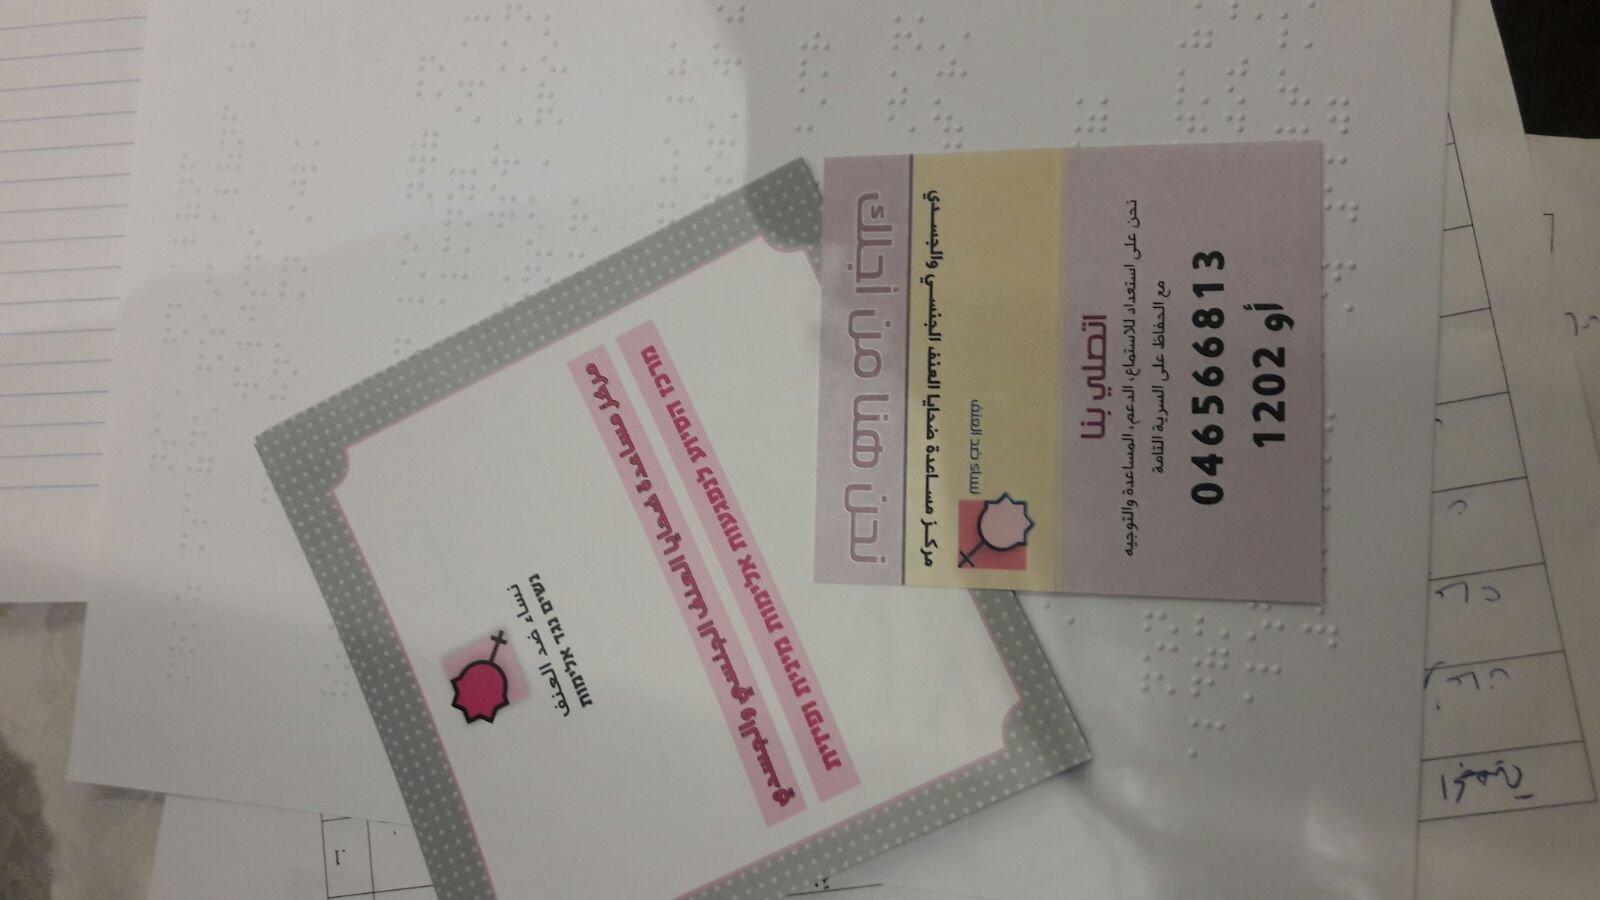 صندوق مسيرة يمول مبادرة هامة بخدمات مركز المساعدة في جمعية نساء ضد العنف.